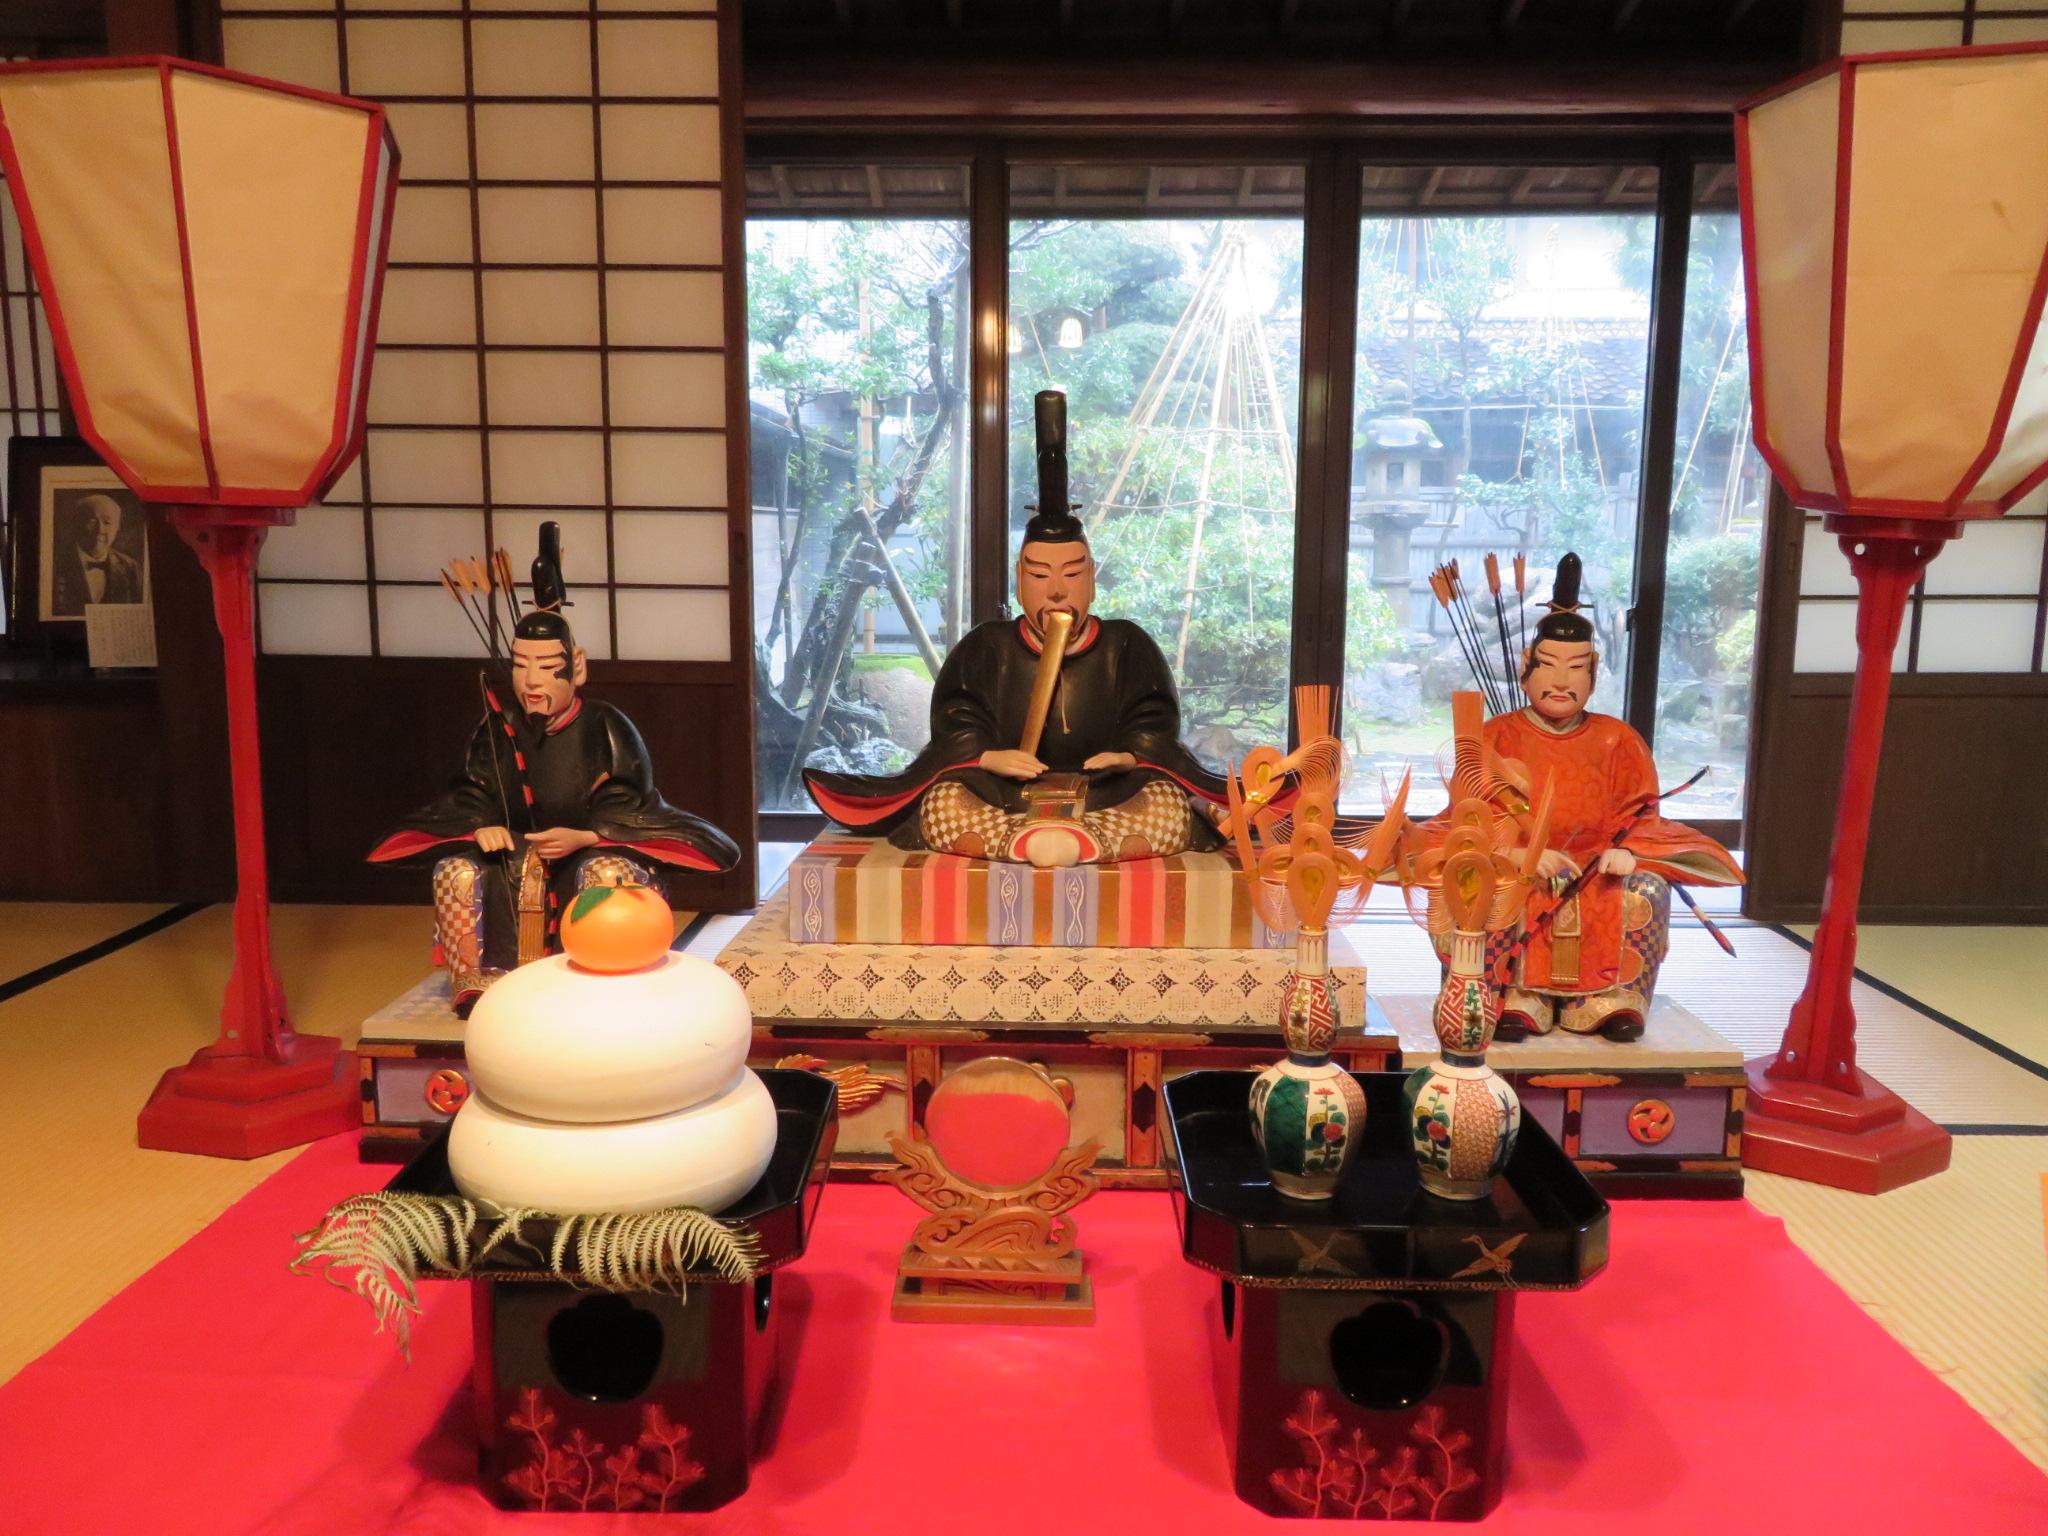 重要文化財菅野家住宅に飾られた天神様。土蔵造りのお屋敷の見学も楽しみました